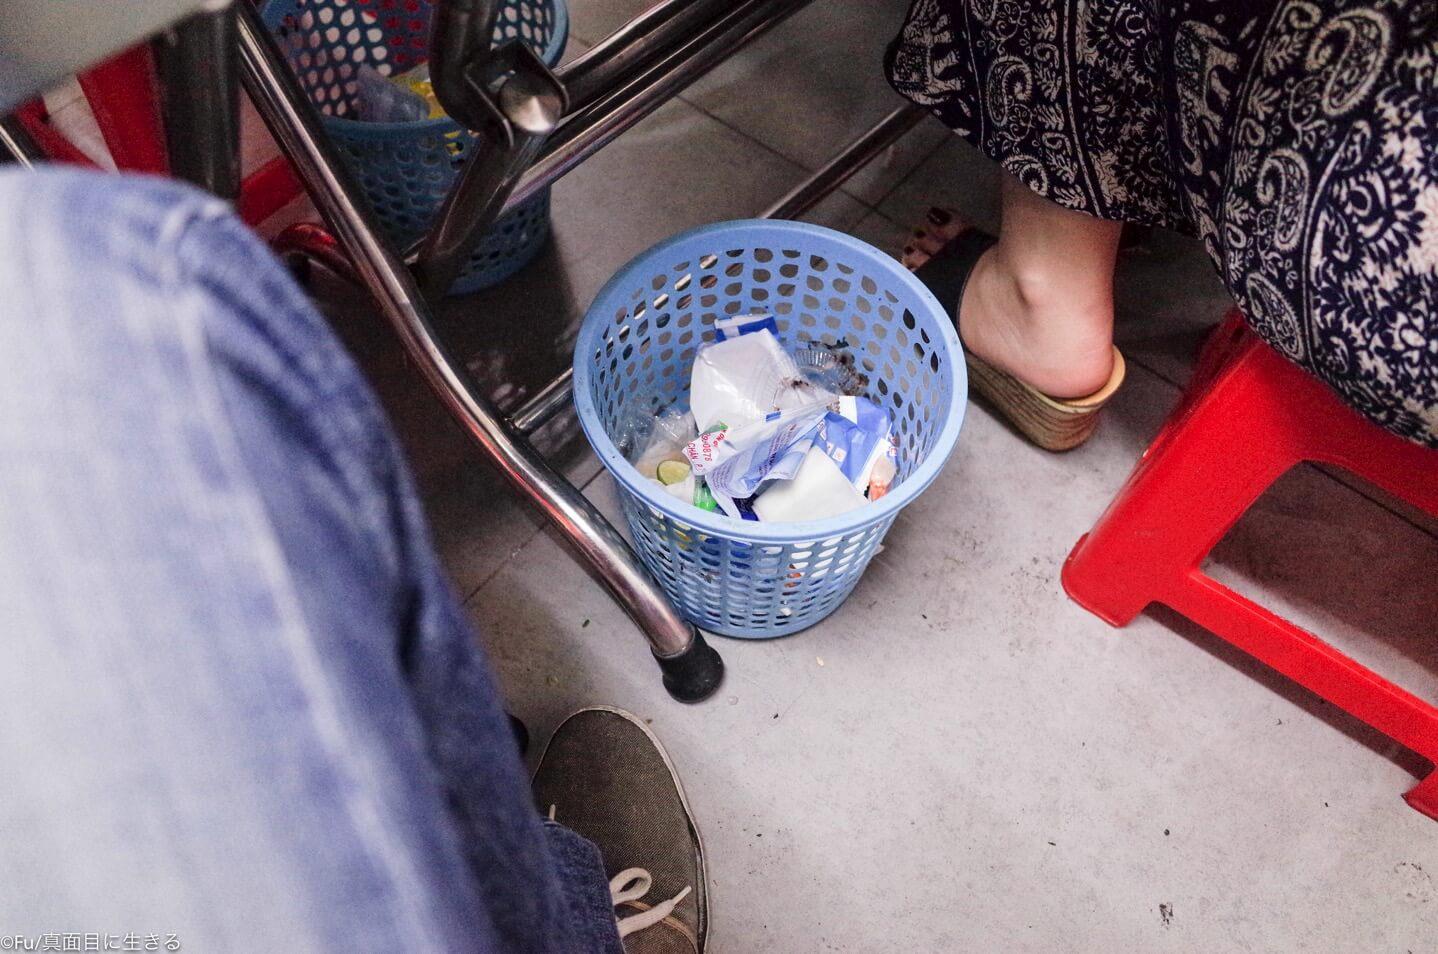 テーブルの下のゴミ箱